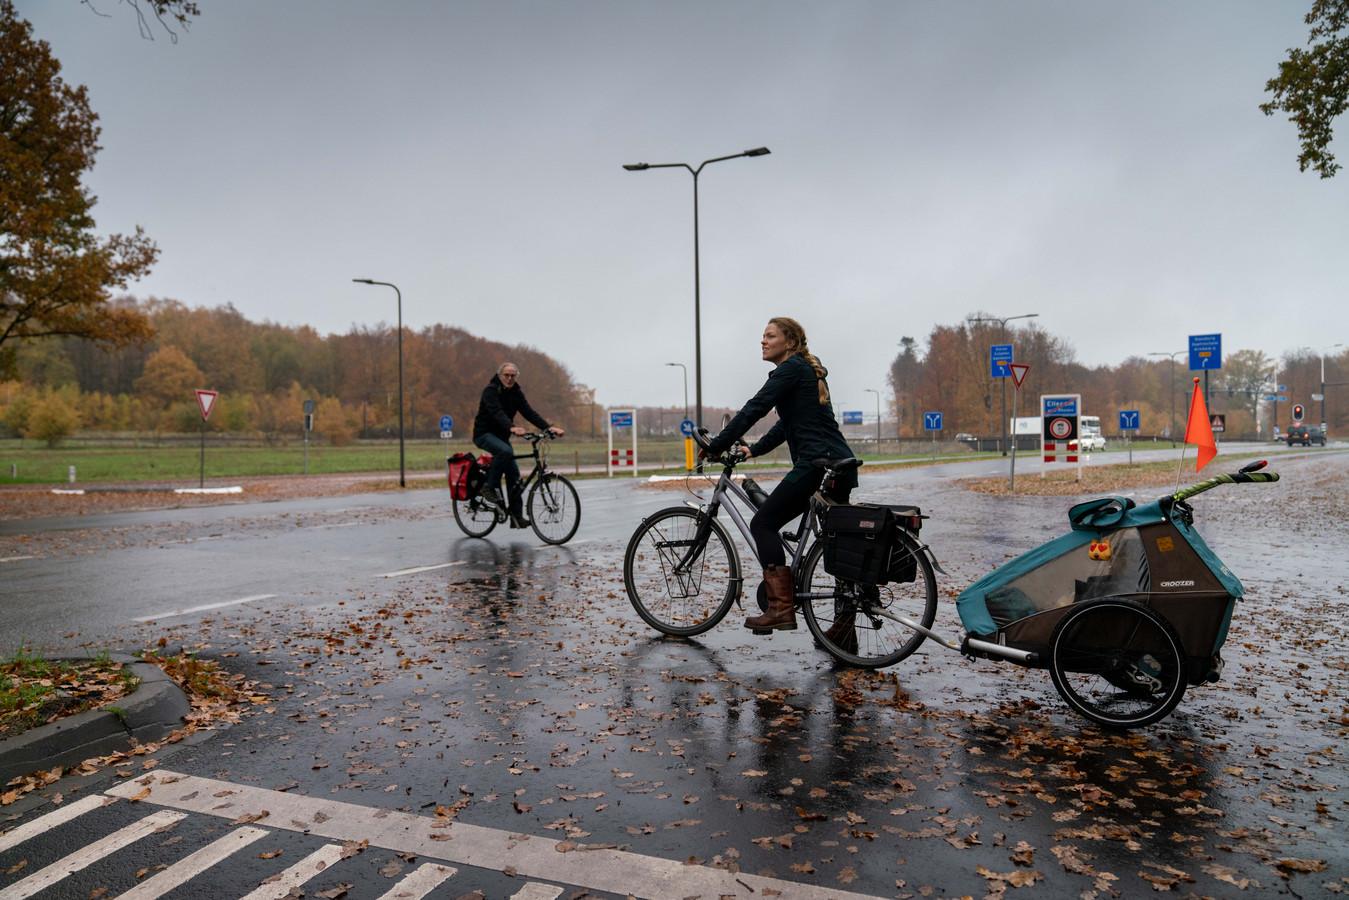 Hiske Feenstra (rechts, met achter zich haar zoon Kris, steekt bij Ellecom de Zutphensestraatweg over om bij de verderop gelegen fietstunnel te kunnen komen. Links Freek te Brinke.